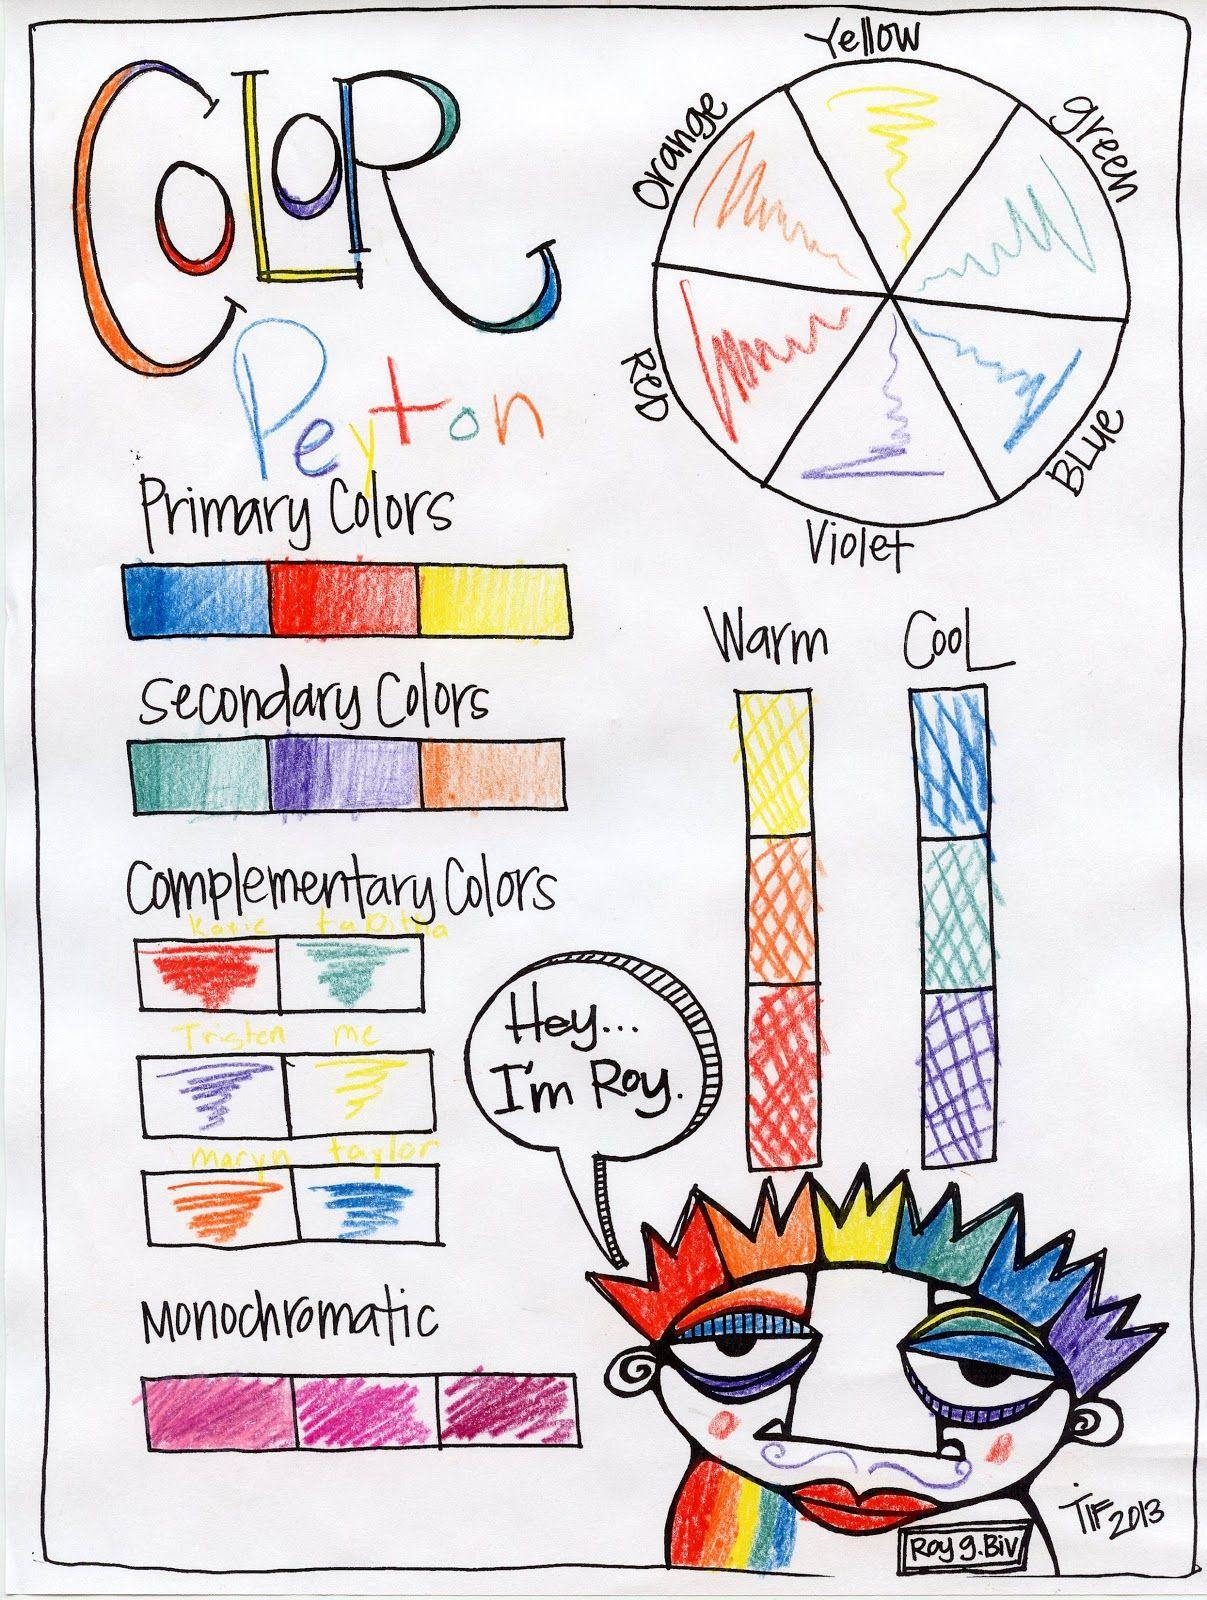 Peyton\'s+handout.jpg 1,207×1,600 pixels | Classroom Art | Pinterest ...